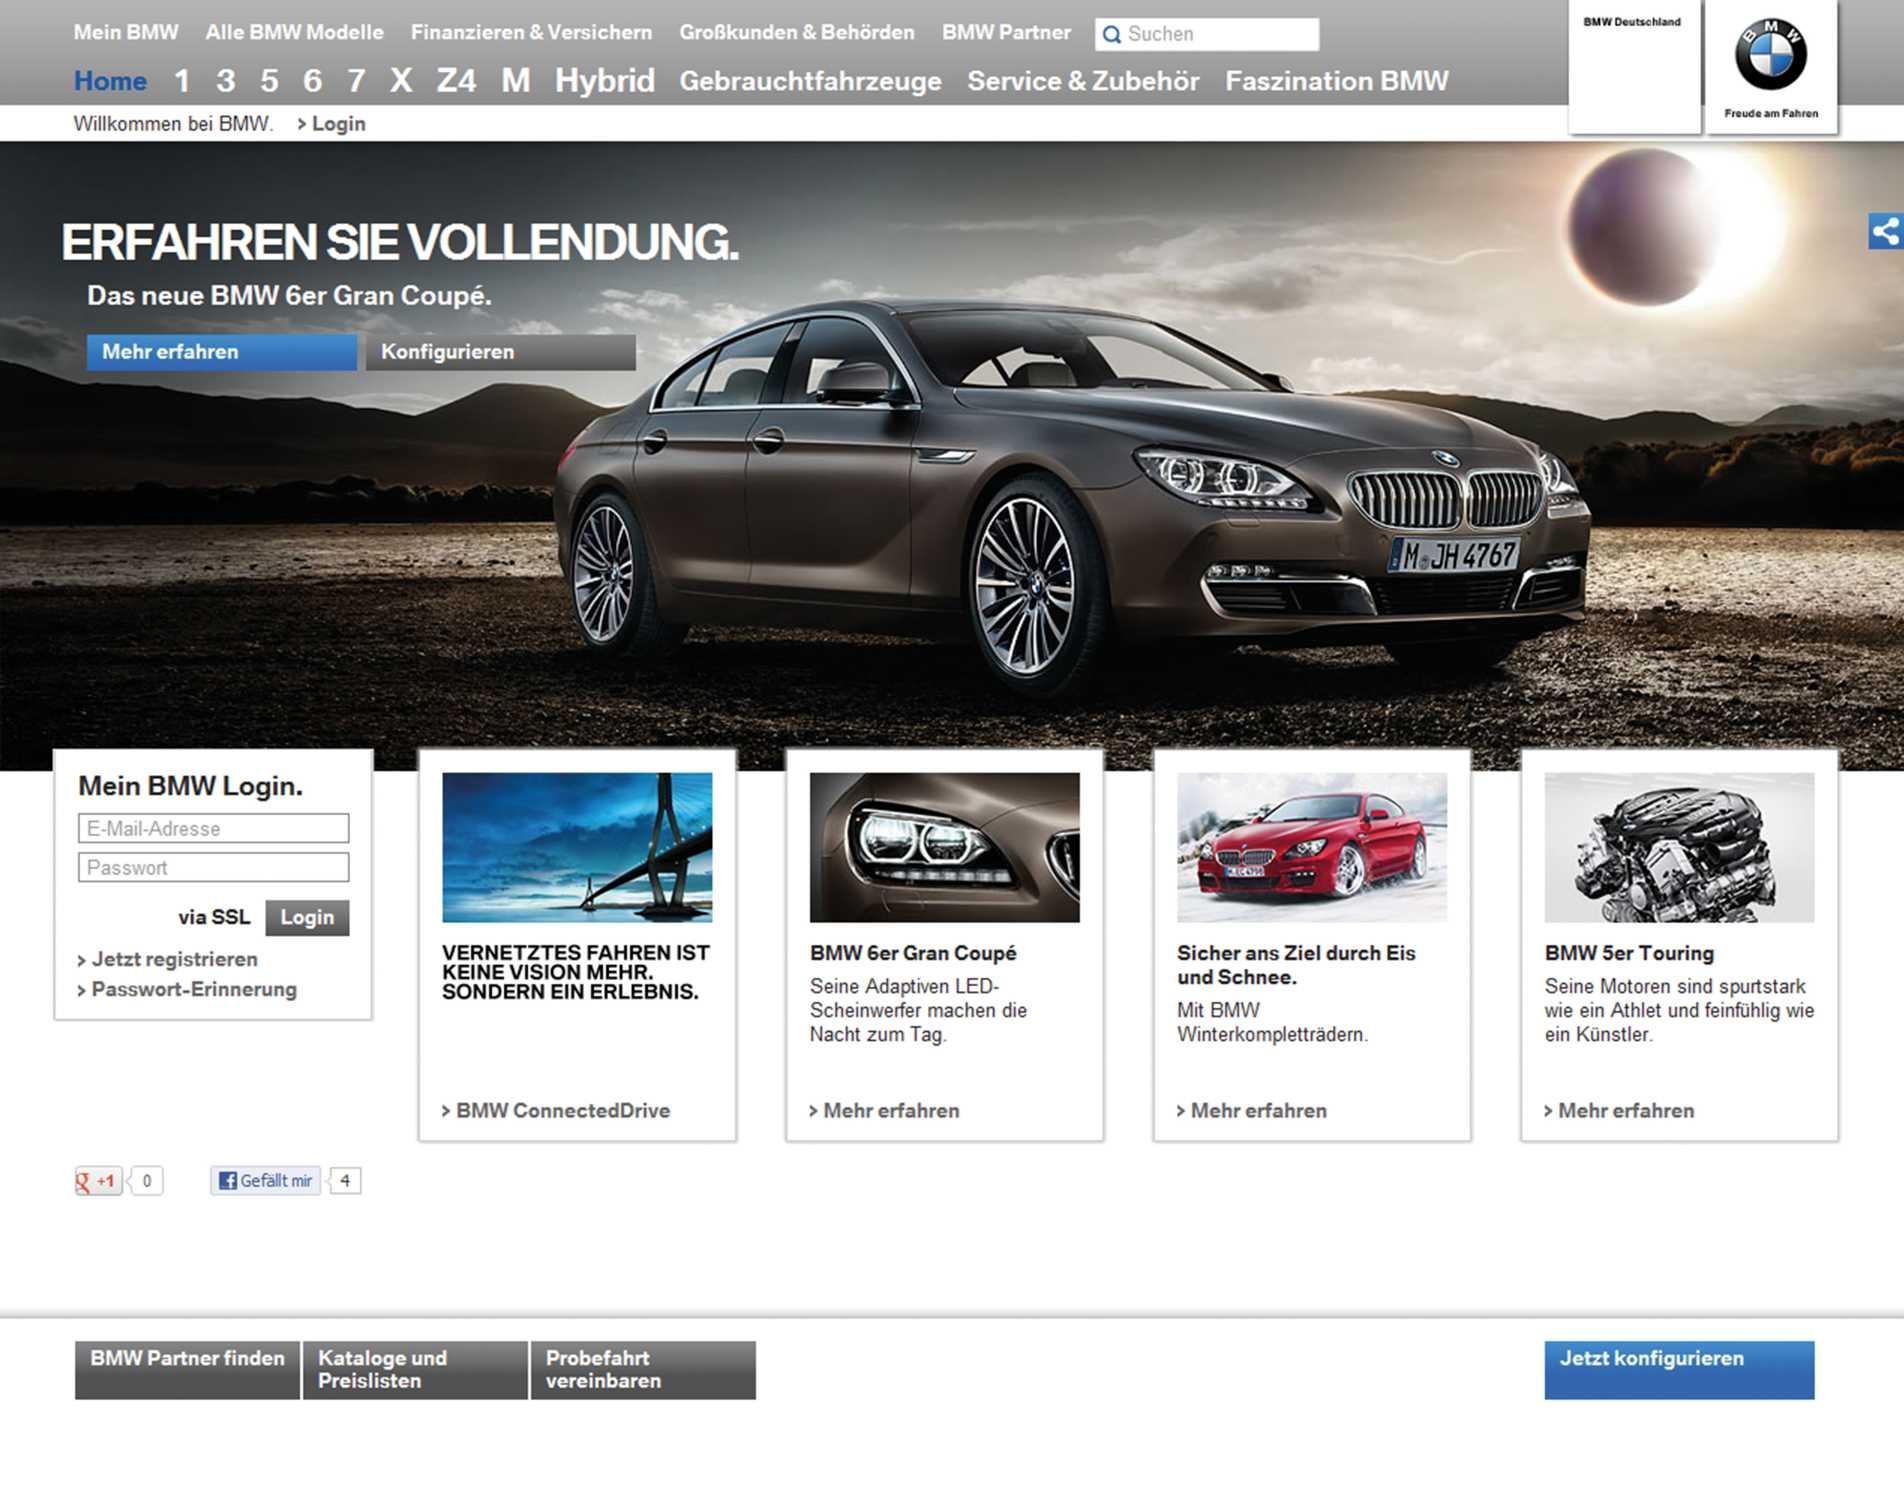 Bmw Setzt Meilenstein In Digitaler Kundenkommunikation Relaunch Der Bmw Website Www Bmw De